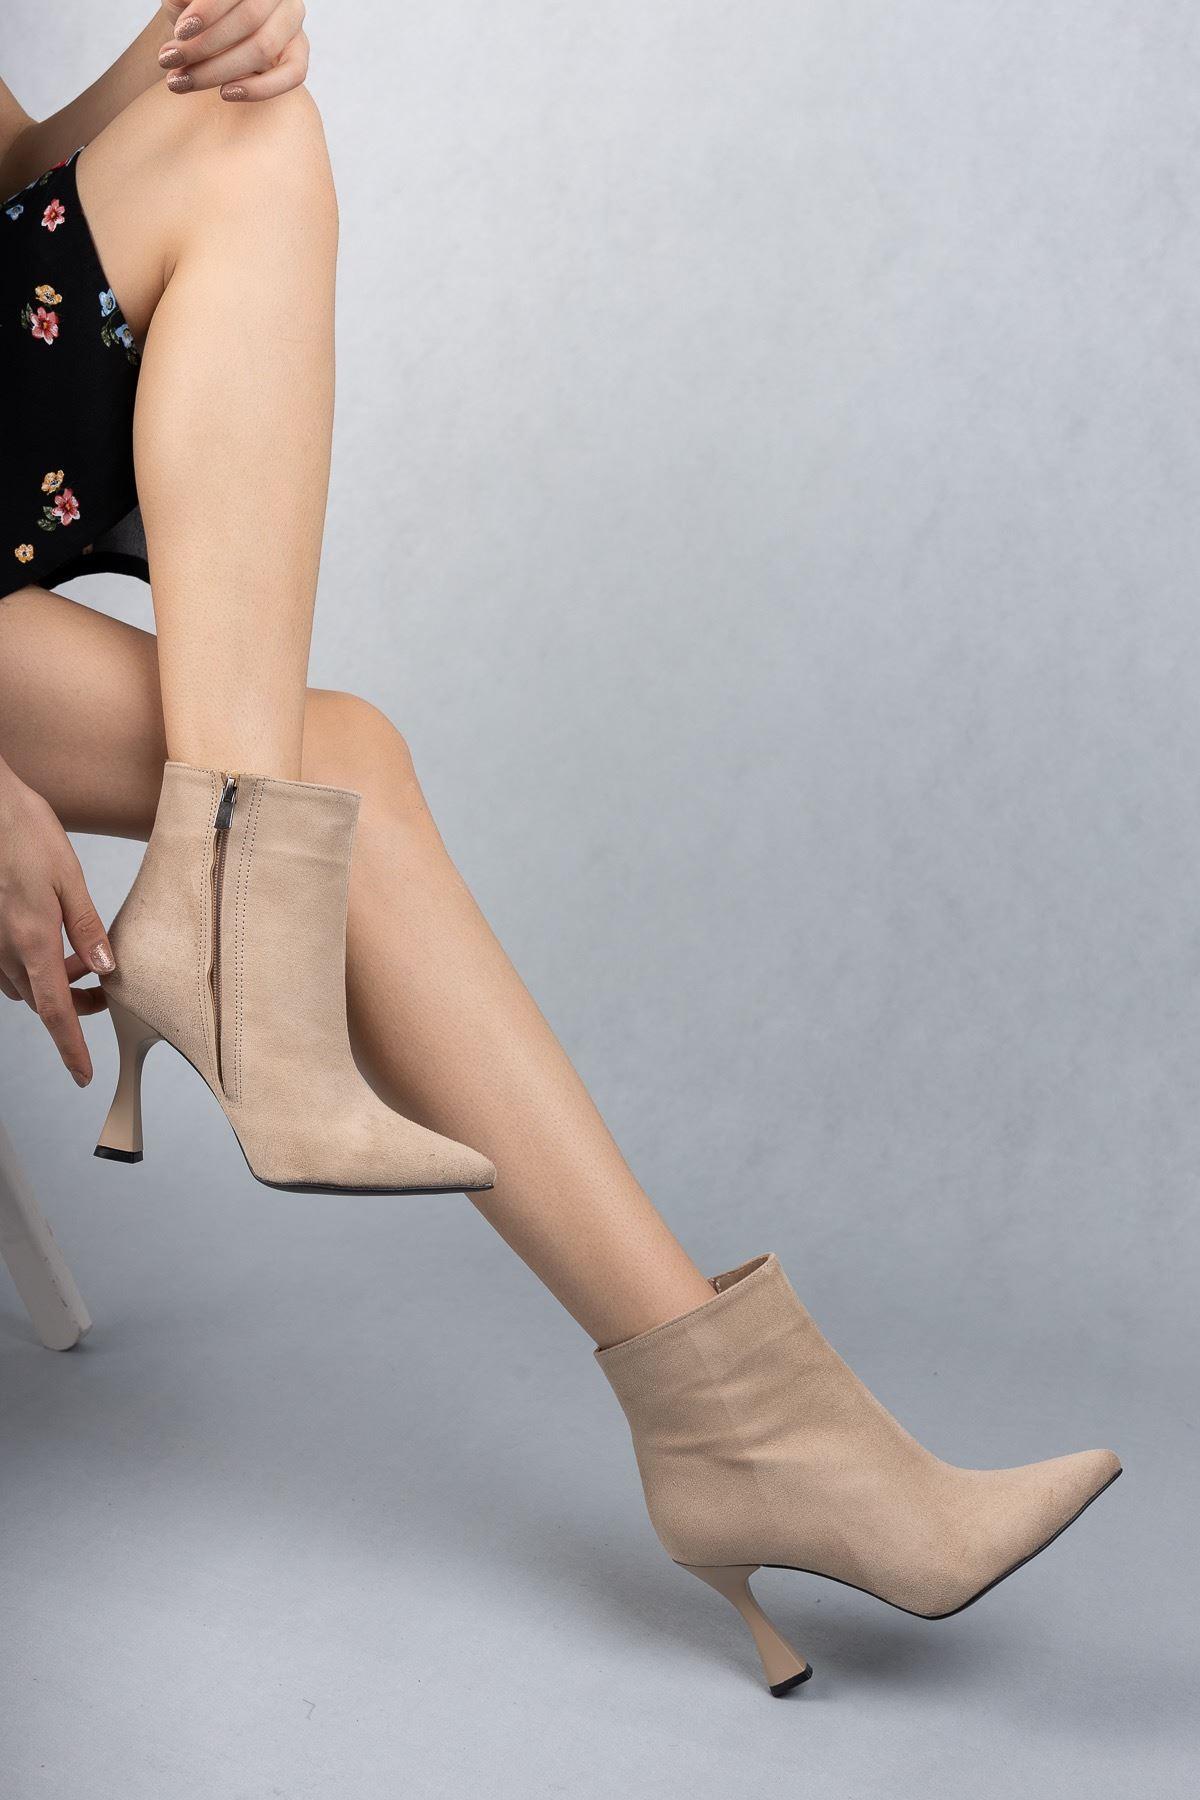 Kadın Beti Yüksek Topuklu Ten Süet Bot